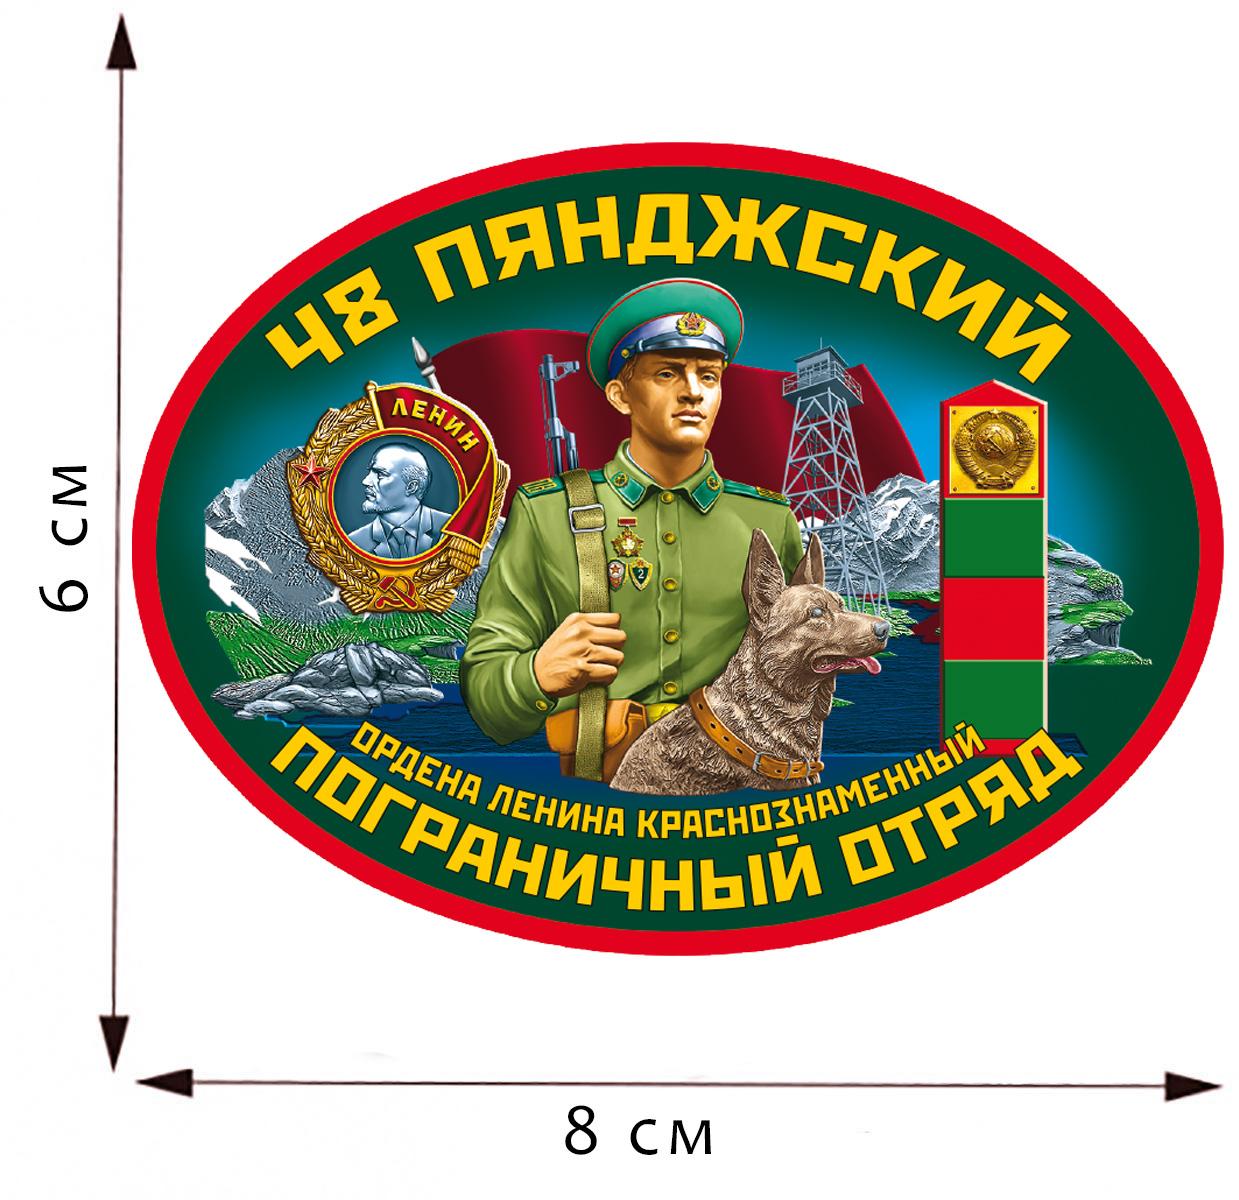 """Термотрансфер """"48 Пянджанский ПОГО"""" для одежды"""